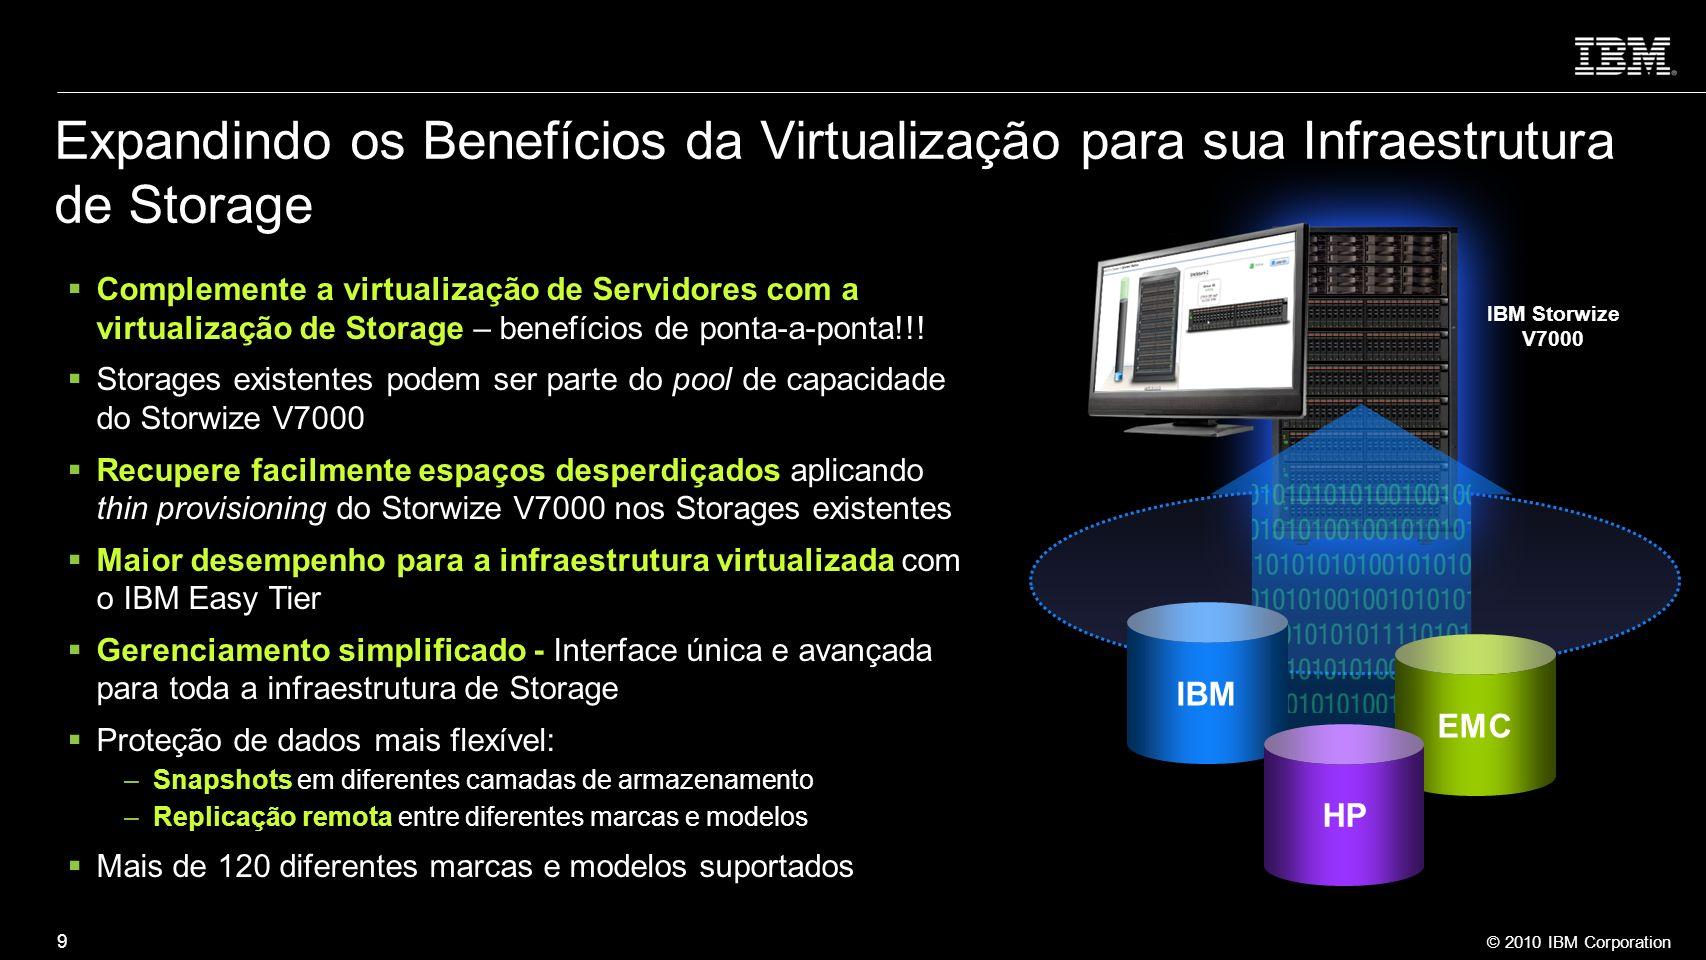 © 2010 IBM Corporation 9 IBM Storwize V7000 IBM EMC HP Expandindo os Benefícios da Virtualização para sua Infraestrutura de Storage Complemente a virt